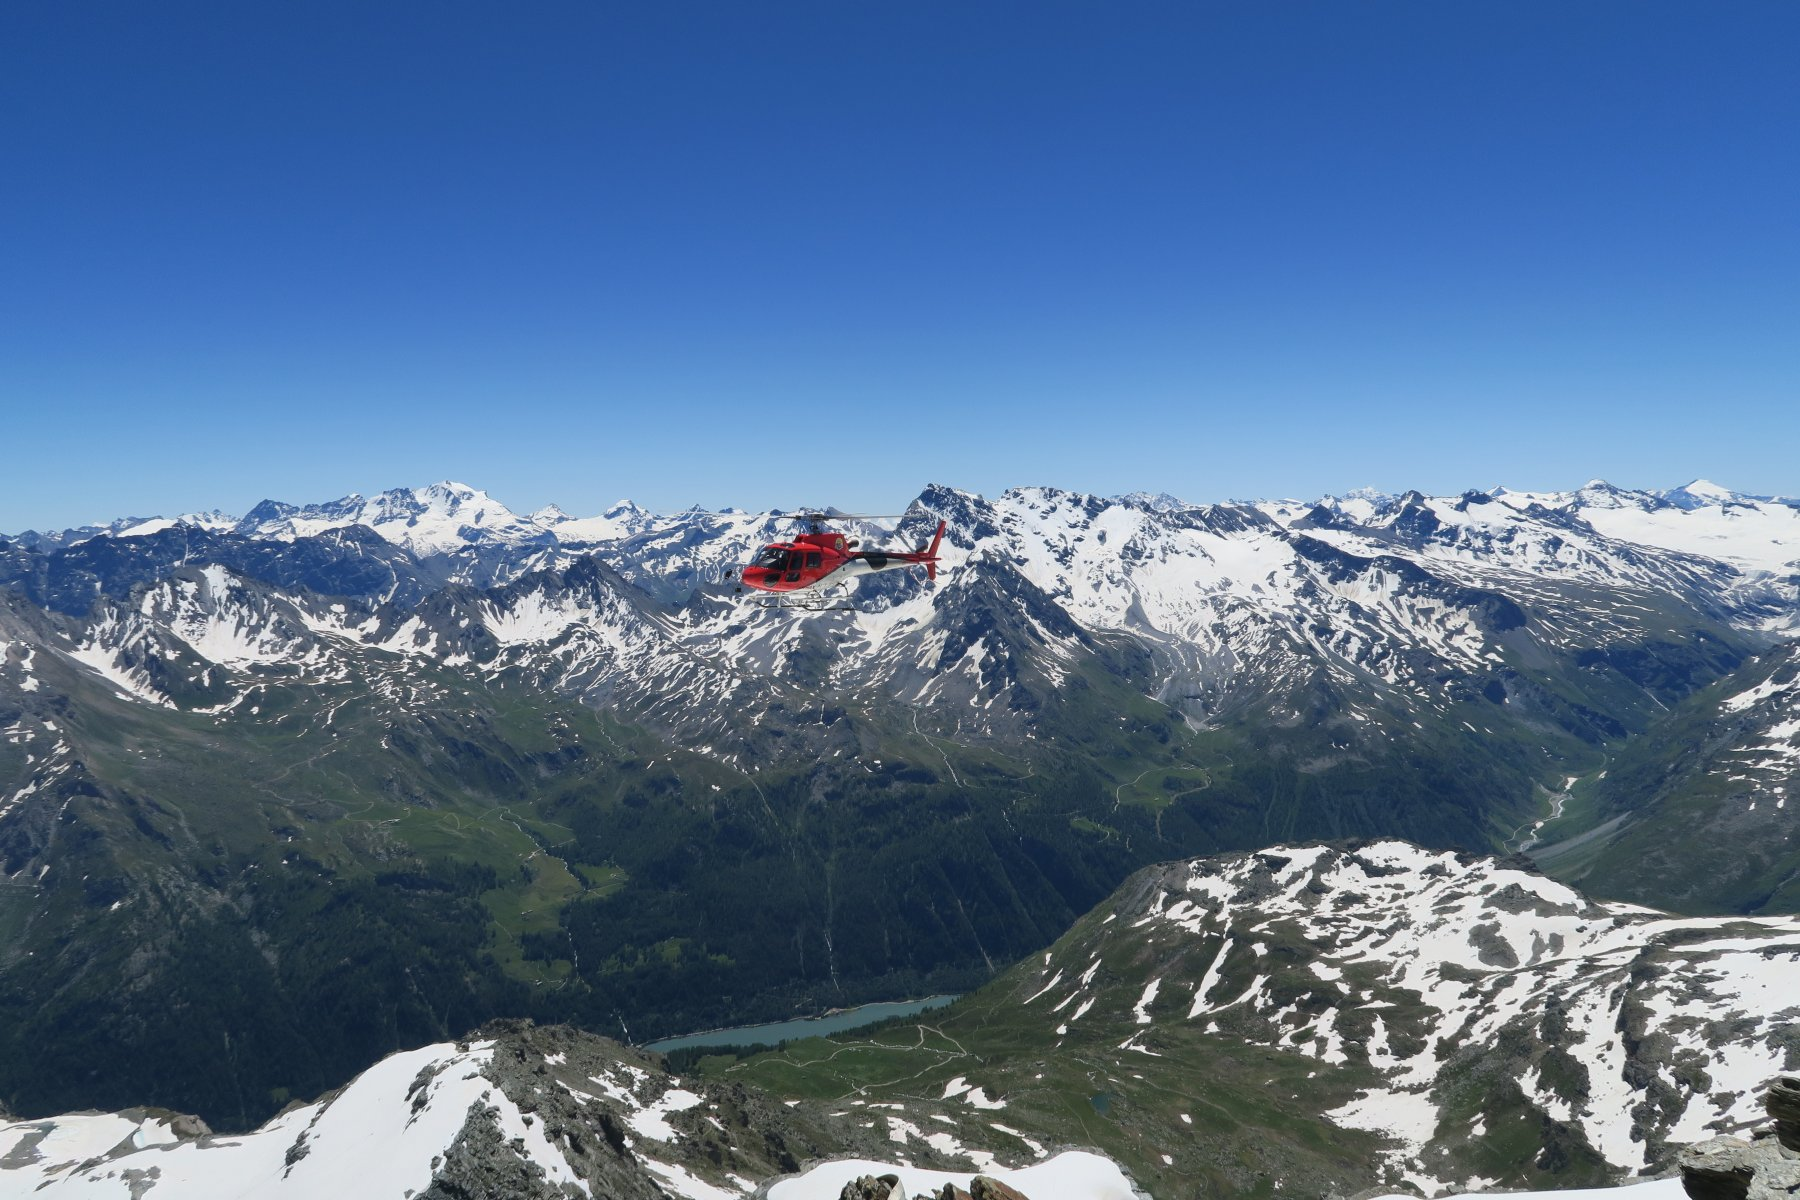 turisti a spasso in elicottero